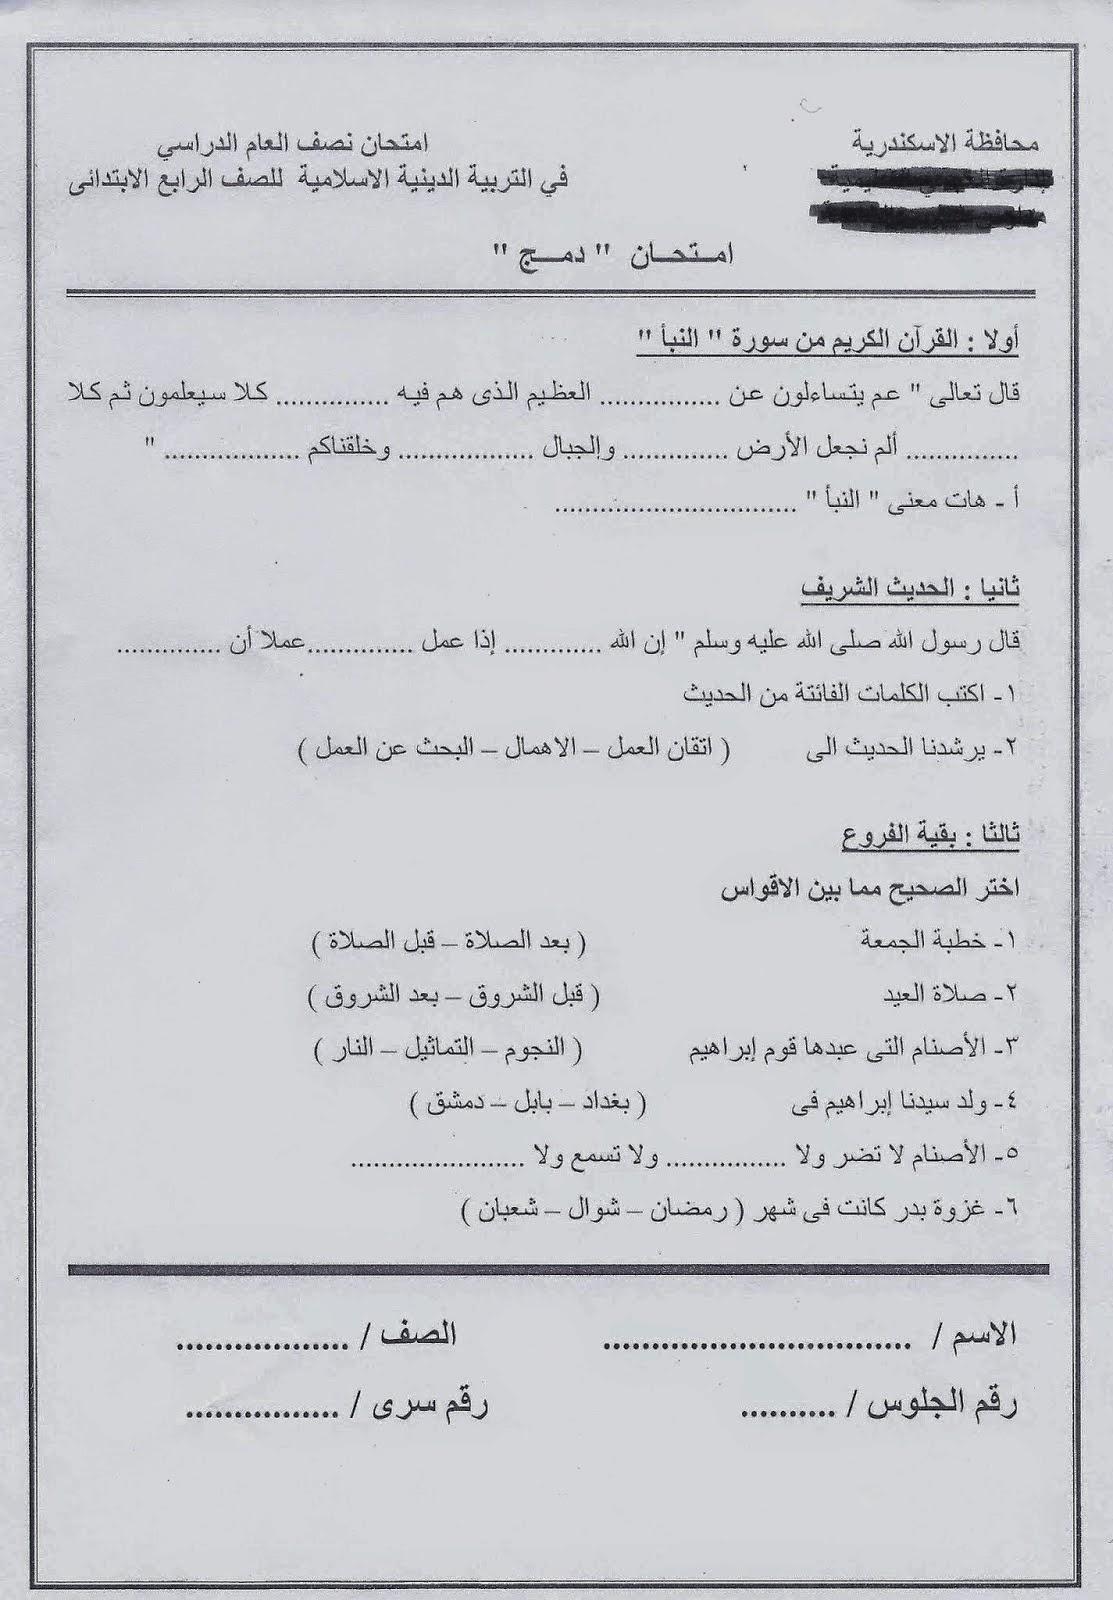 امتحانات كل مواد الصف الرابع الابتدائي الترم الأول 2015 مدارس مصر حكومى و لغات scan0087.jpg